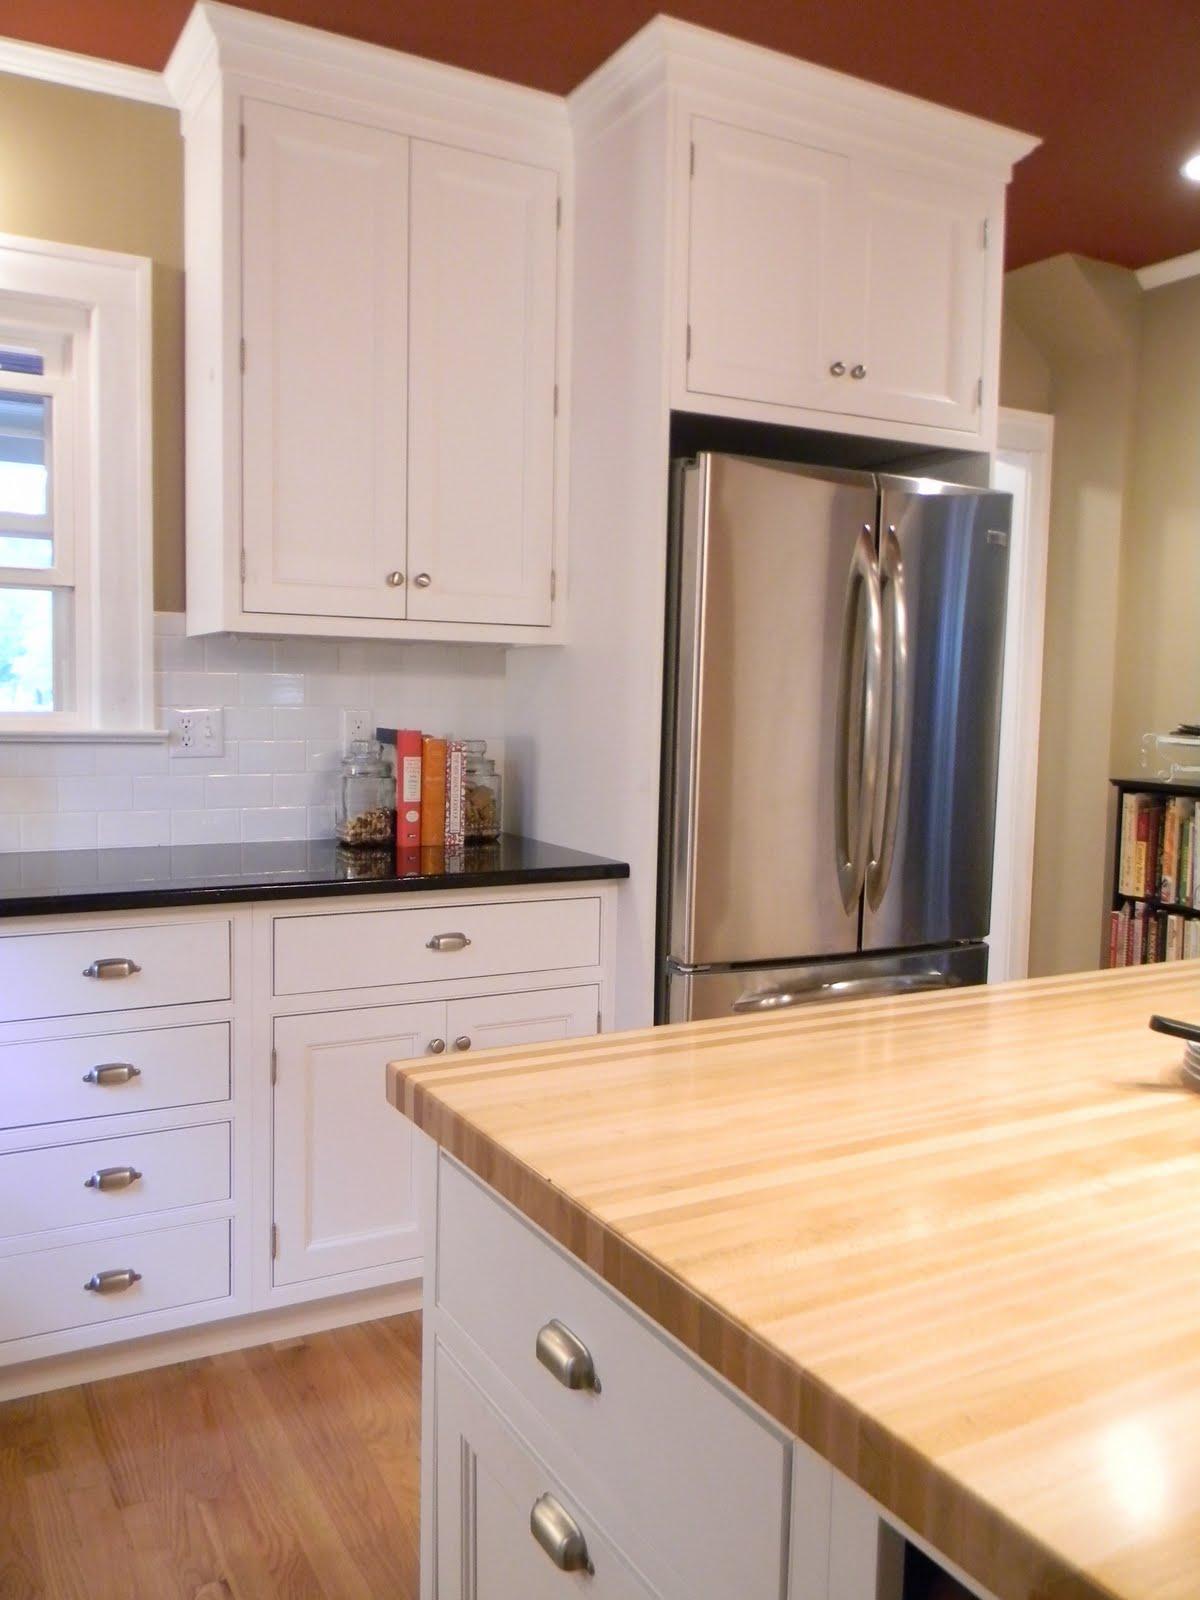 Free Standing Cabinets For Kitchen Honest Keen Julie Fergus, Asid | Nh Interior Designer: Cabinet Details